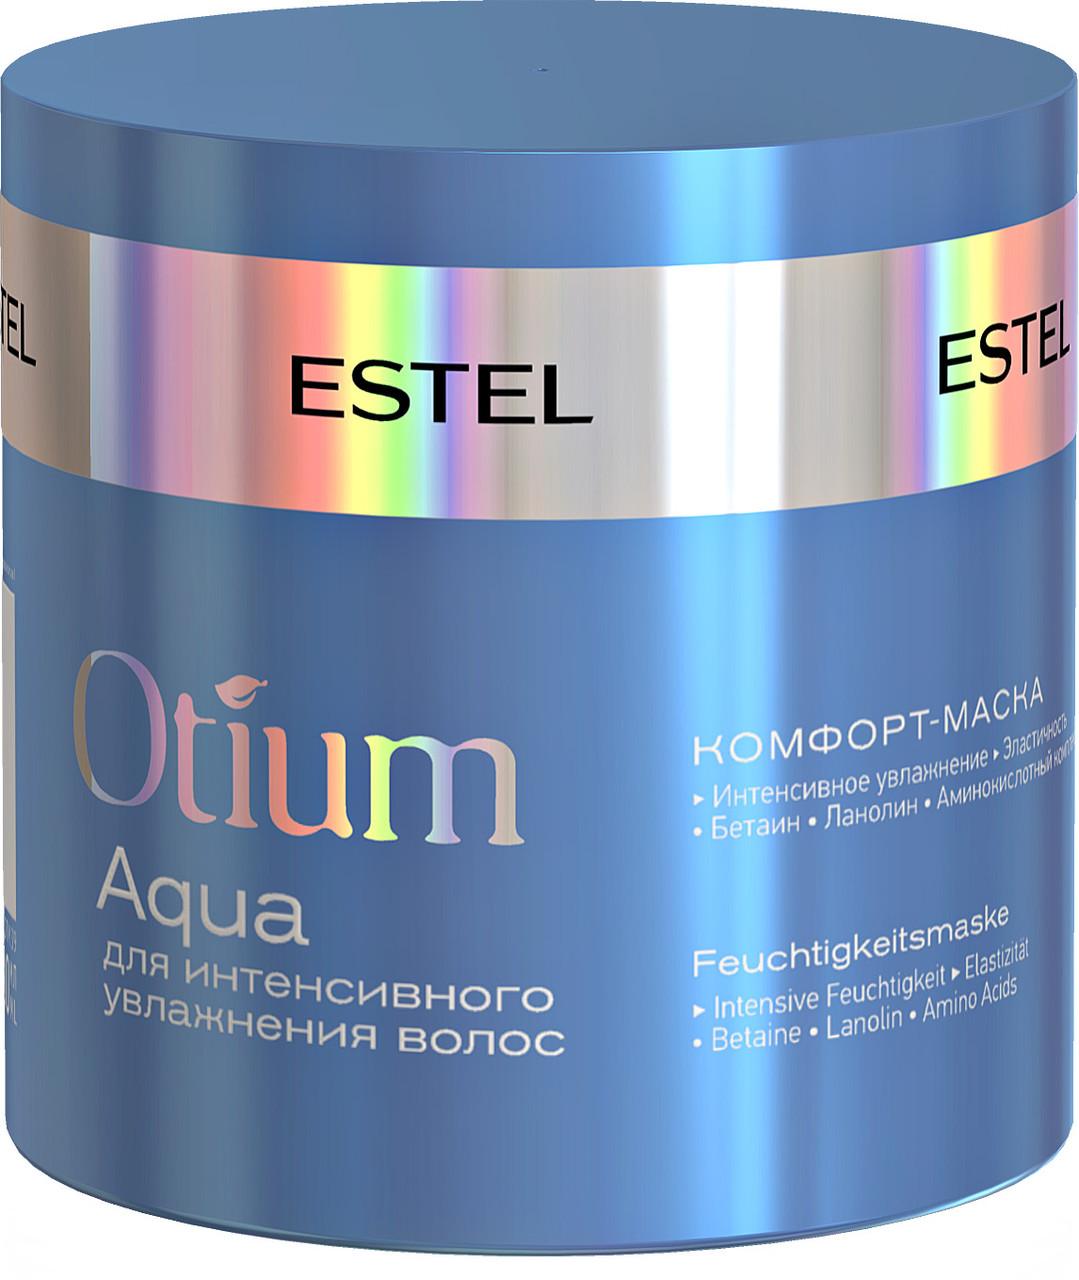 Маска для интенсивного увлажнения волос Estel Otium Aqua, 300 мл